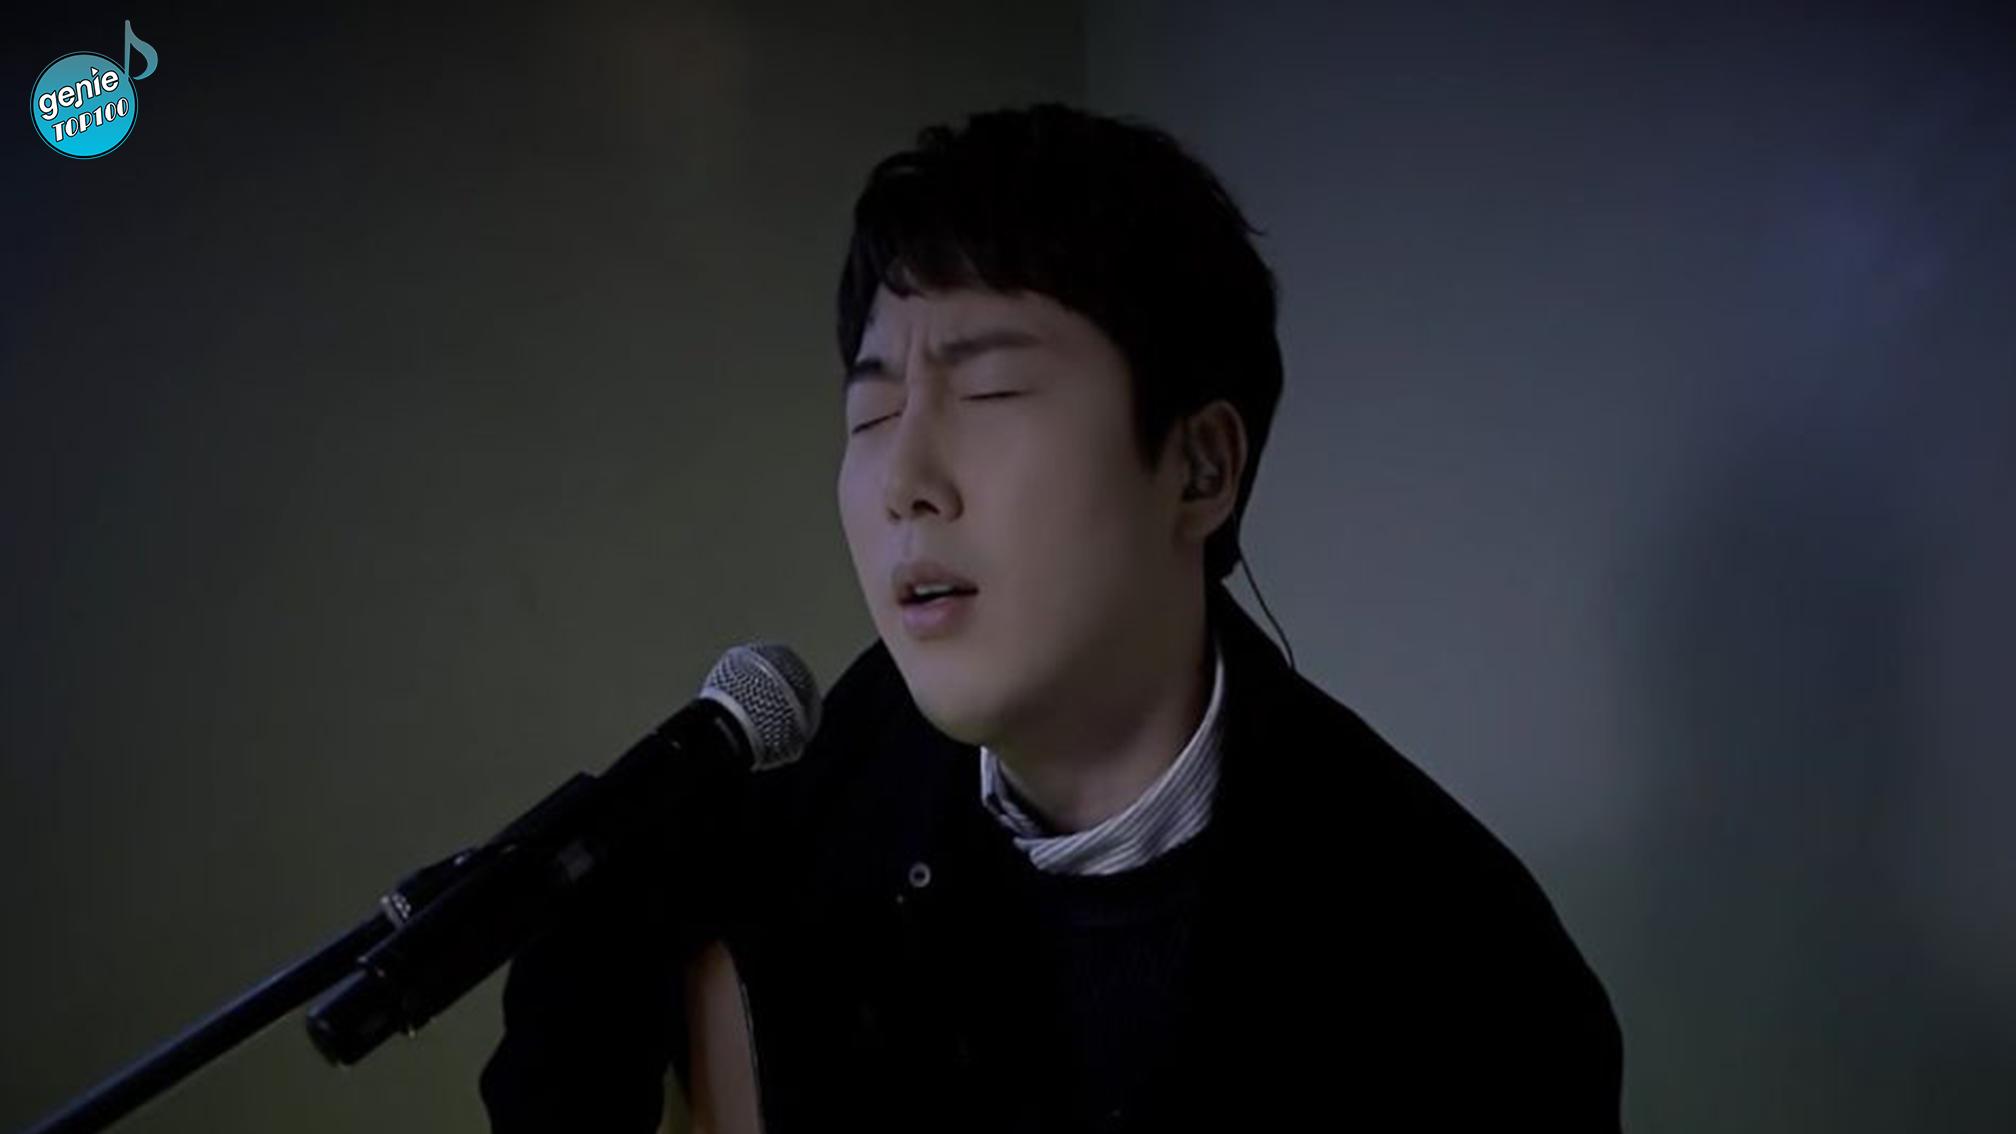 Genie Top 100 Beom June Jang劇照 1